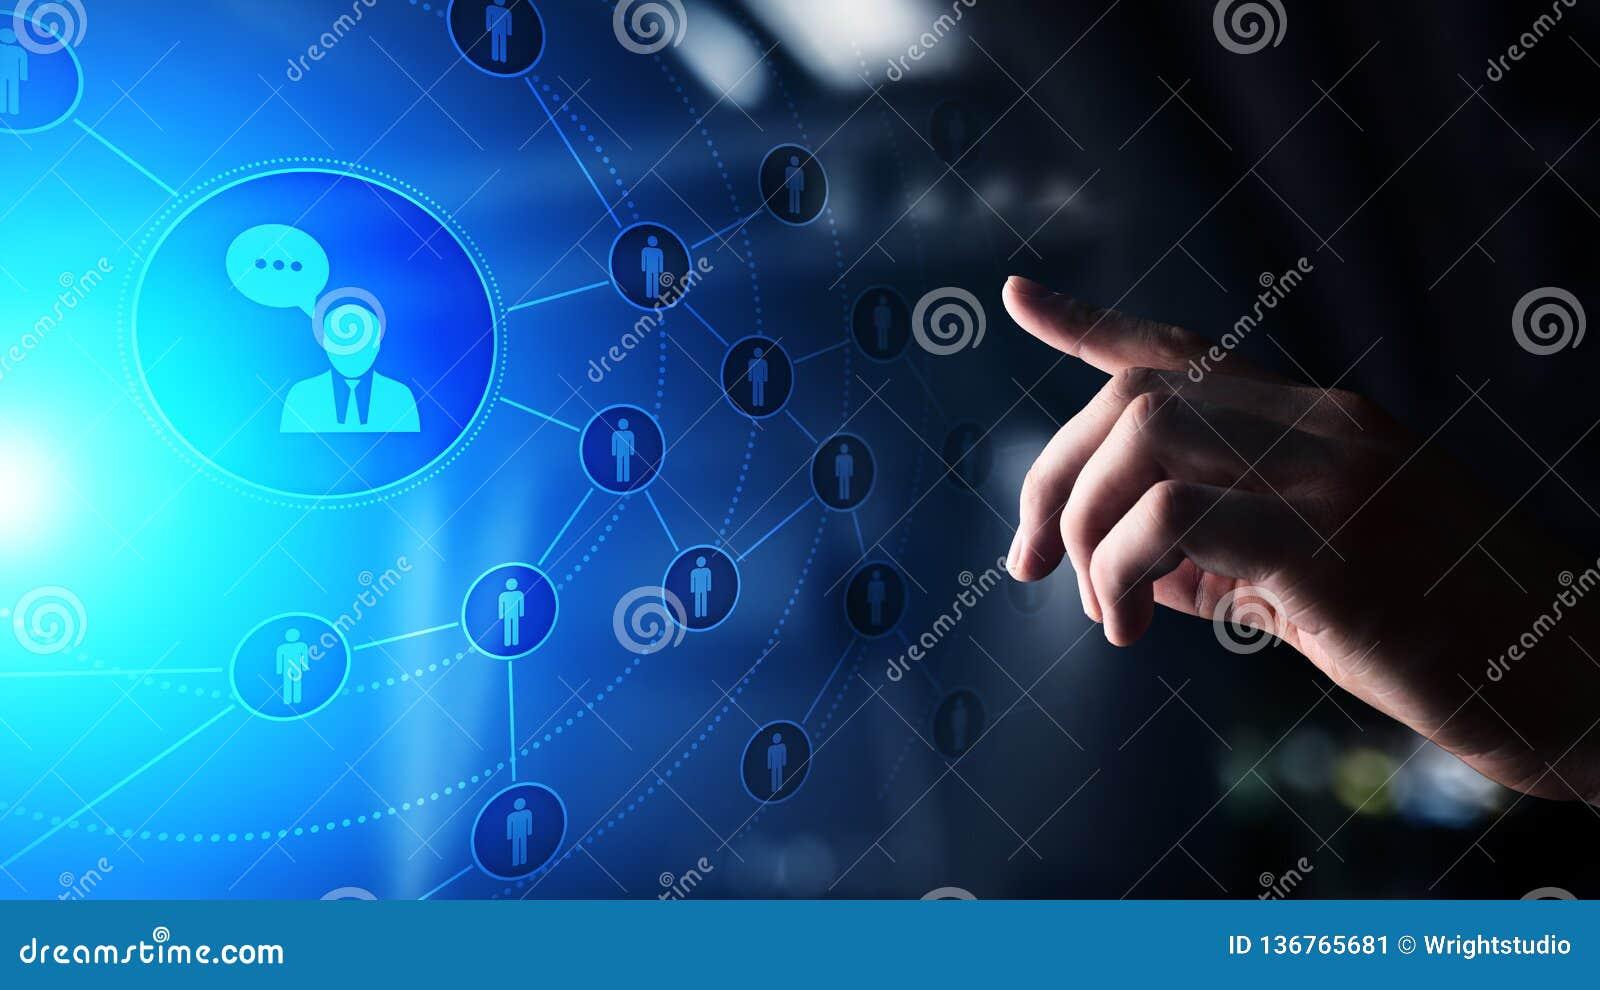 Social Media Plattform, Kundenkommunikationsstruktur, SMM, Marketing Internet und Geschäftstechnologiekonzept